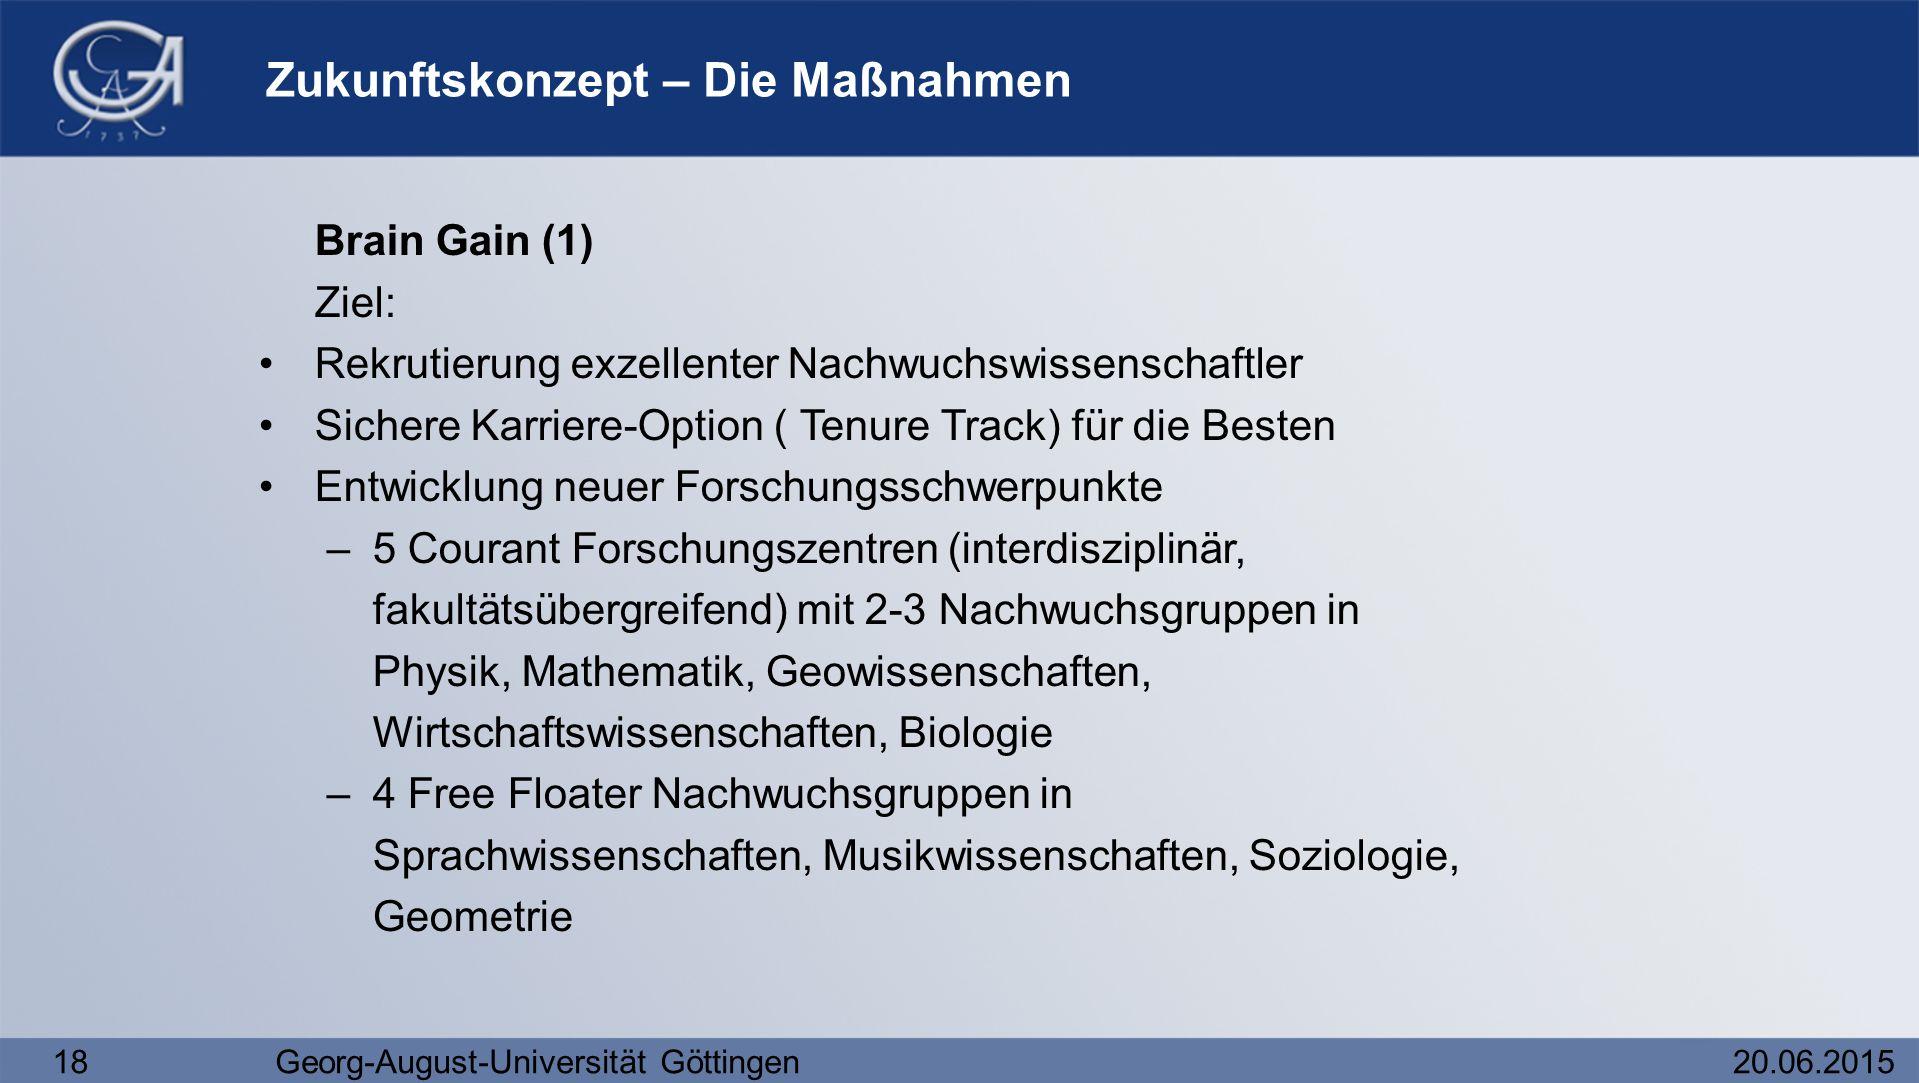 18Georg-August-Universität Göttingen20.06.2015 Zukunftskonzept – Die Maßnahmen Brain Gain (1) Ziel: Rekrutierung exzellenter Nachwuchswissenschaftler